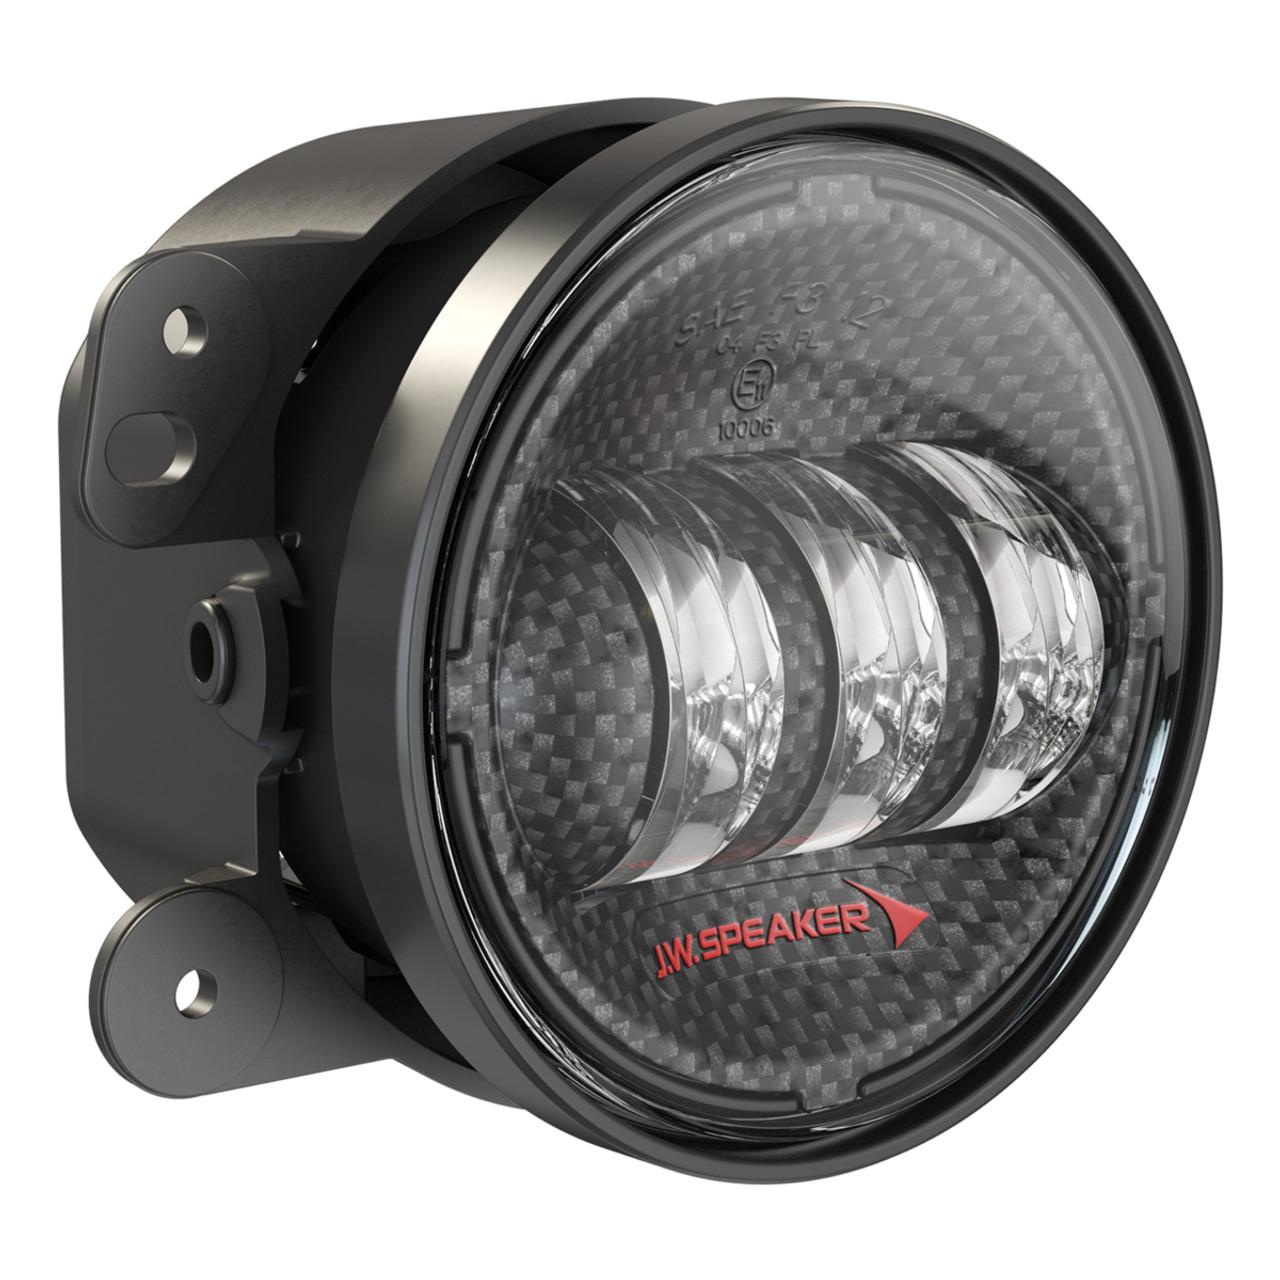 JW Speaker 0554413 Model 6145 J2 Series Fog Light Pair for Jeep Wrangler JK